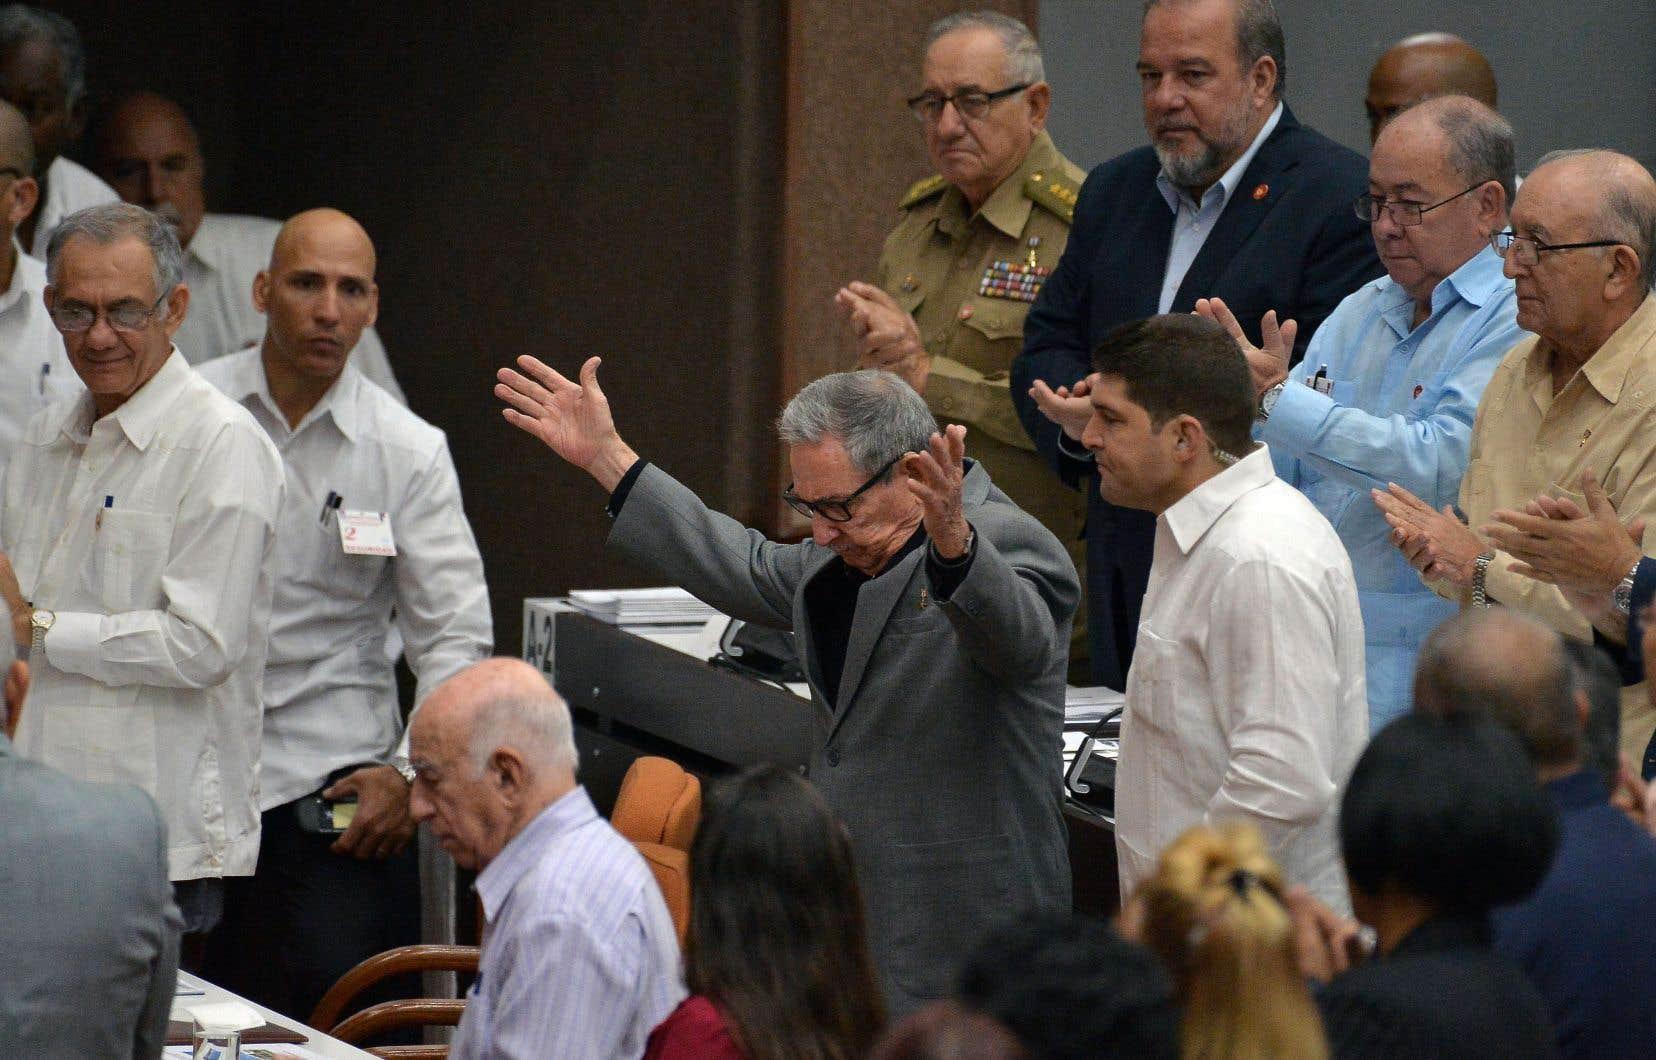 Les 560 députés sont réunis en présence du président Miguel Diaz-Canel et de Raul Castro, député, ex-président (2008-2018) et premier secrétaire du Parti communiste.